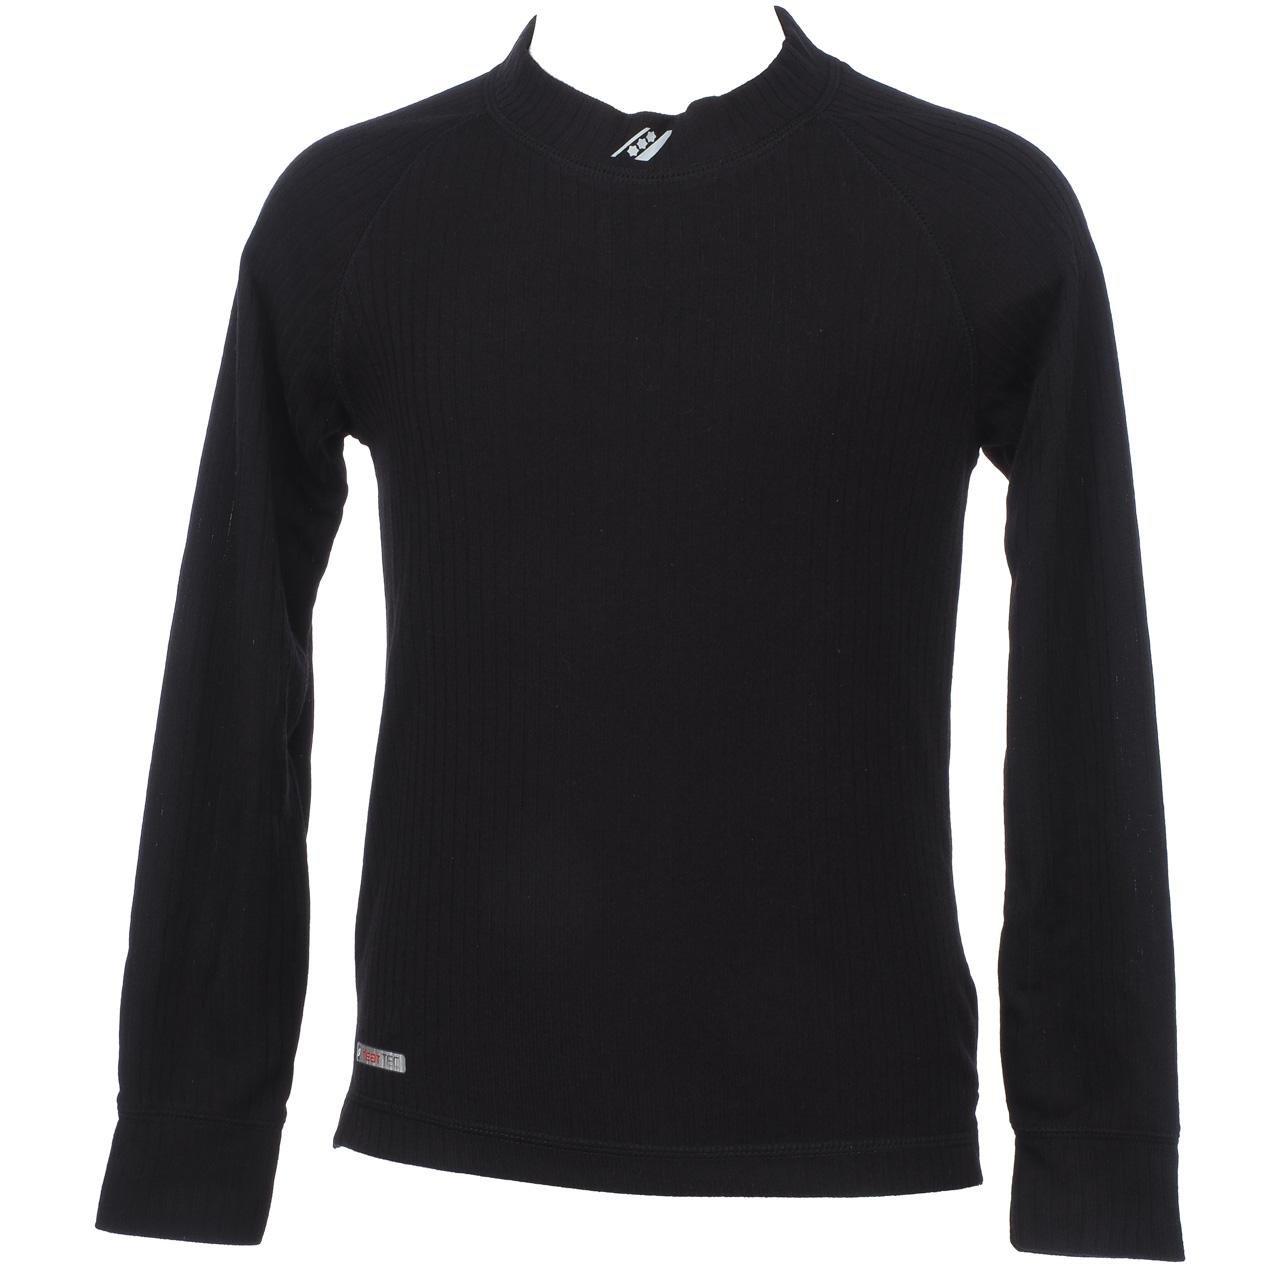 Rucanor–termico J Nero ML Aspen–Sotto vestiti termici caldo